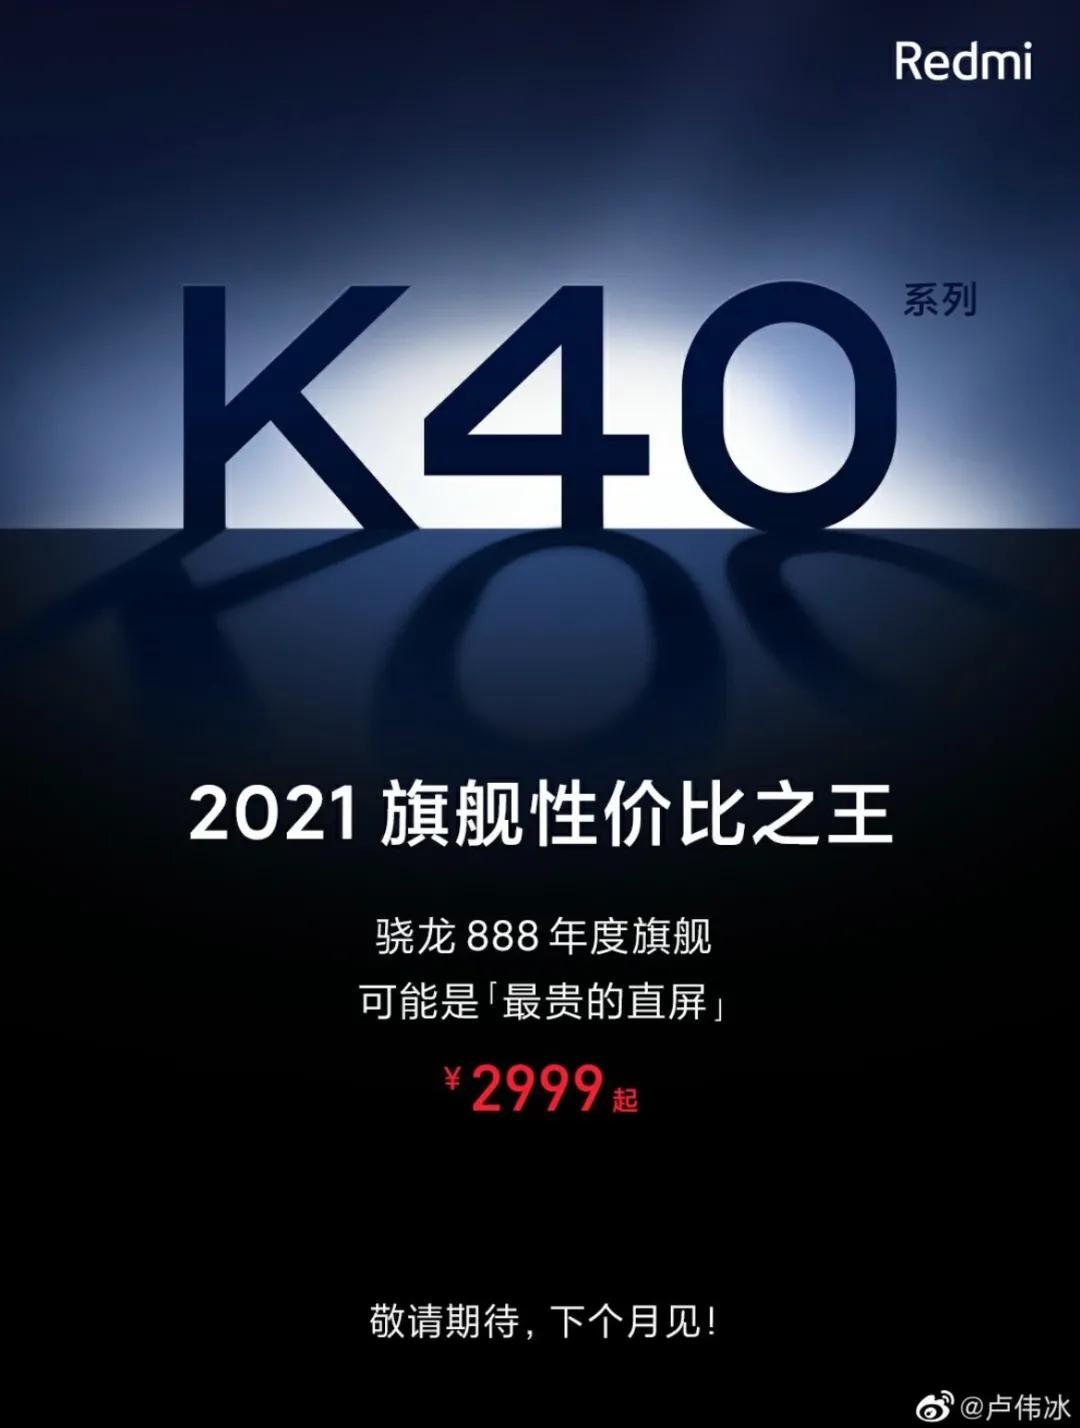 官宣!2999元买高通骁龙888旗舰手机